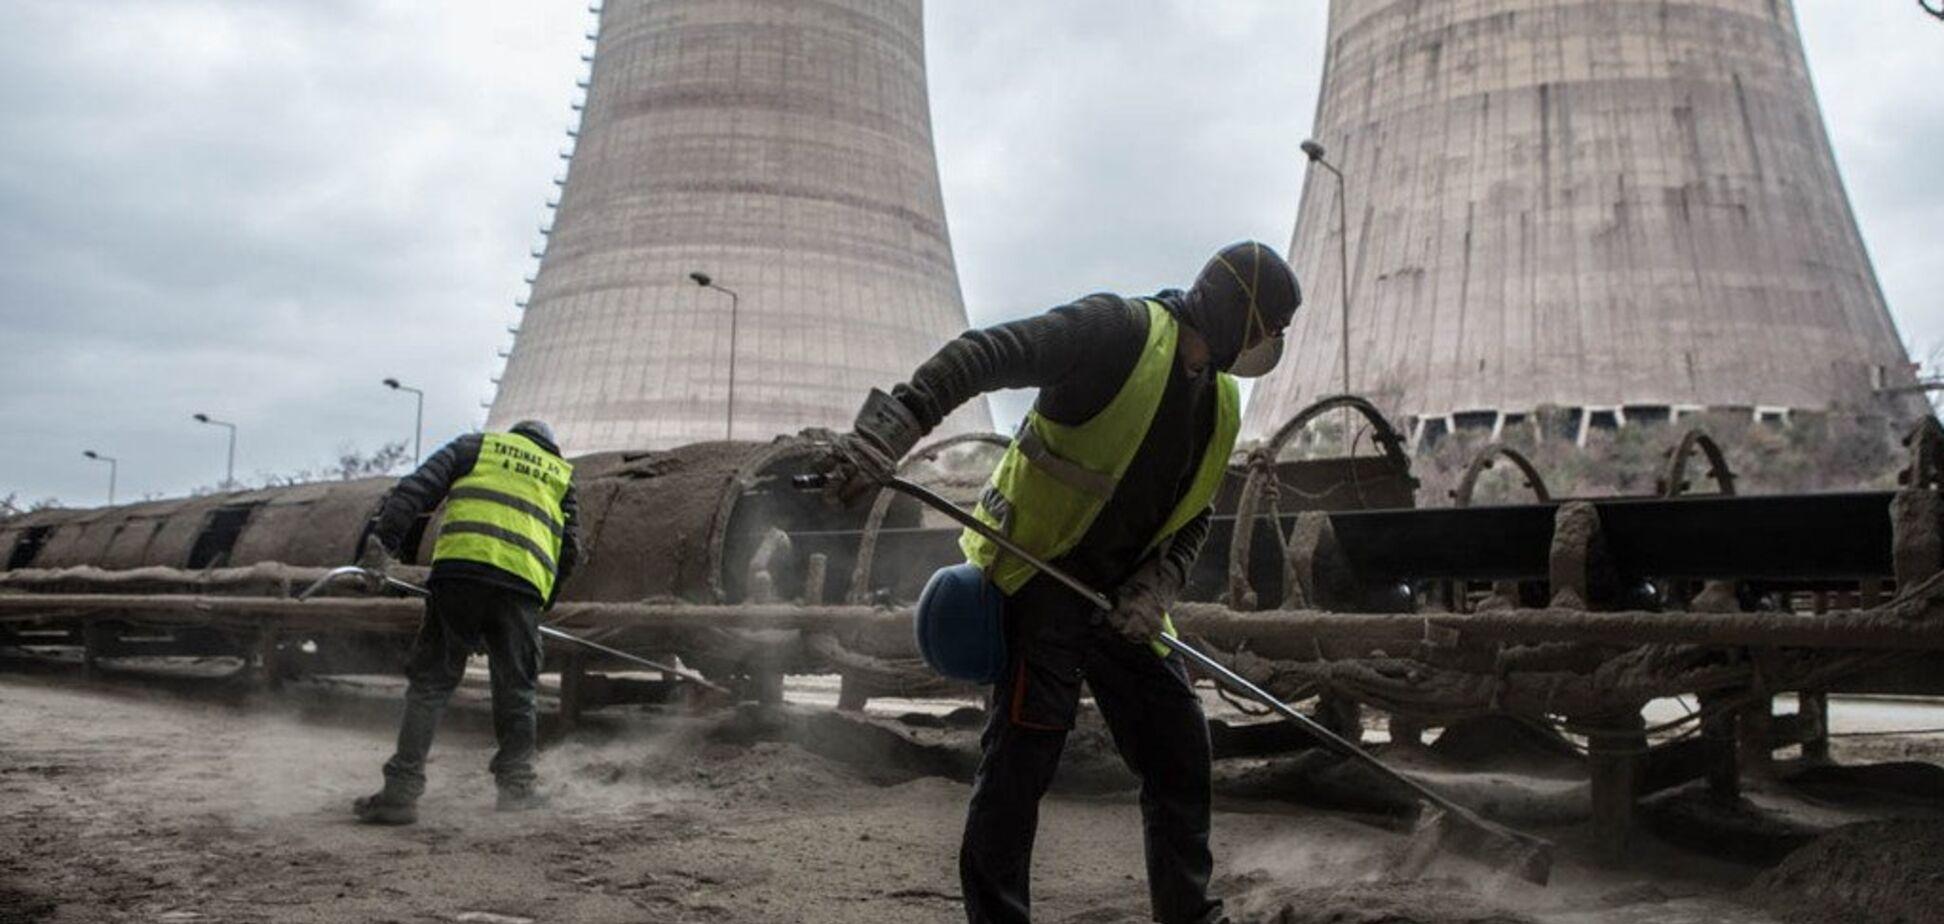 Іспанія вирішила відмовитися від вугілля: озвучено плани уряду